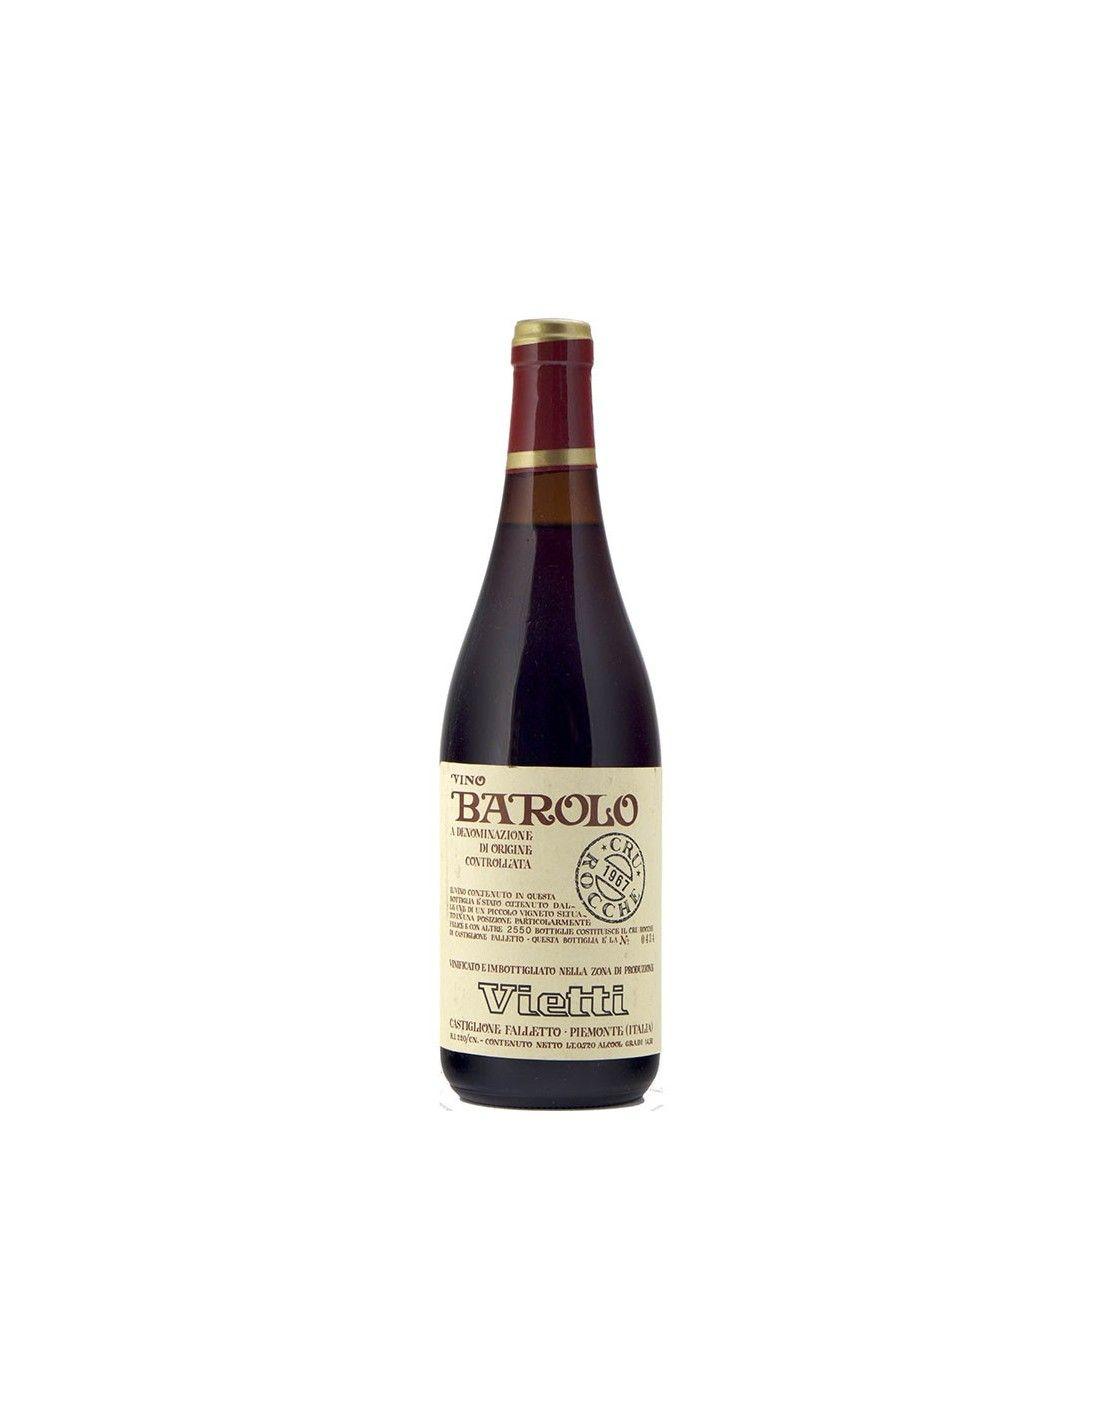 BAROLO ROCCHE CLEAR COLOUR 1967 VIETTI Grandi Bottiglie